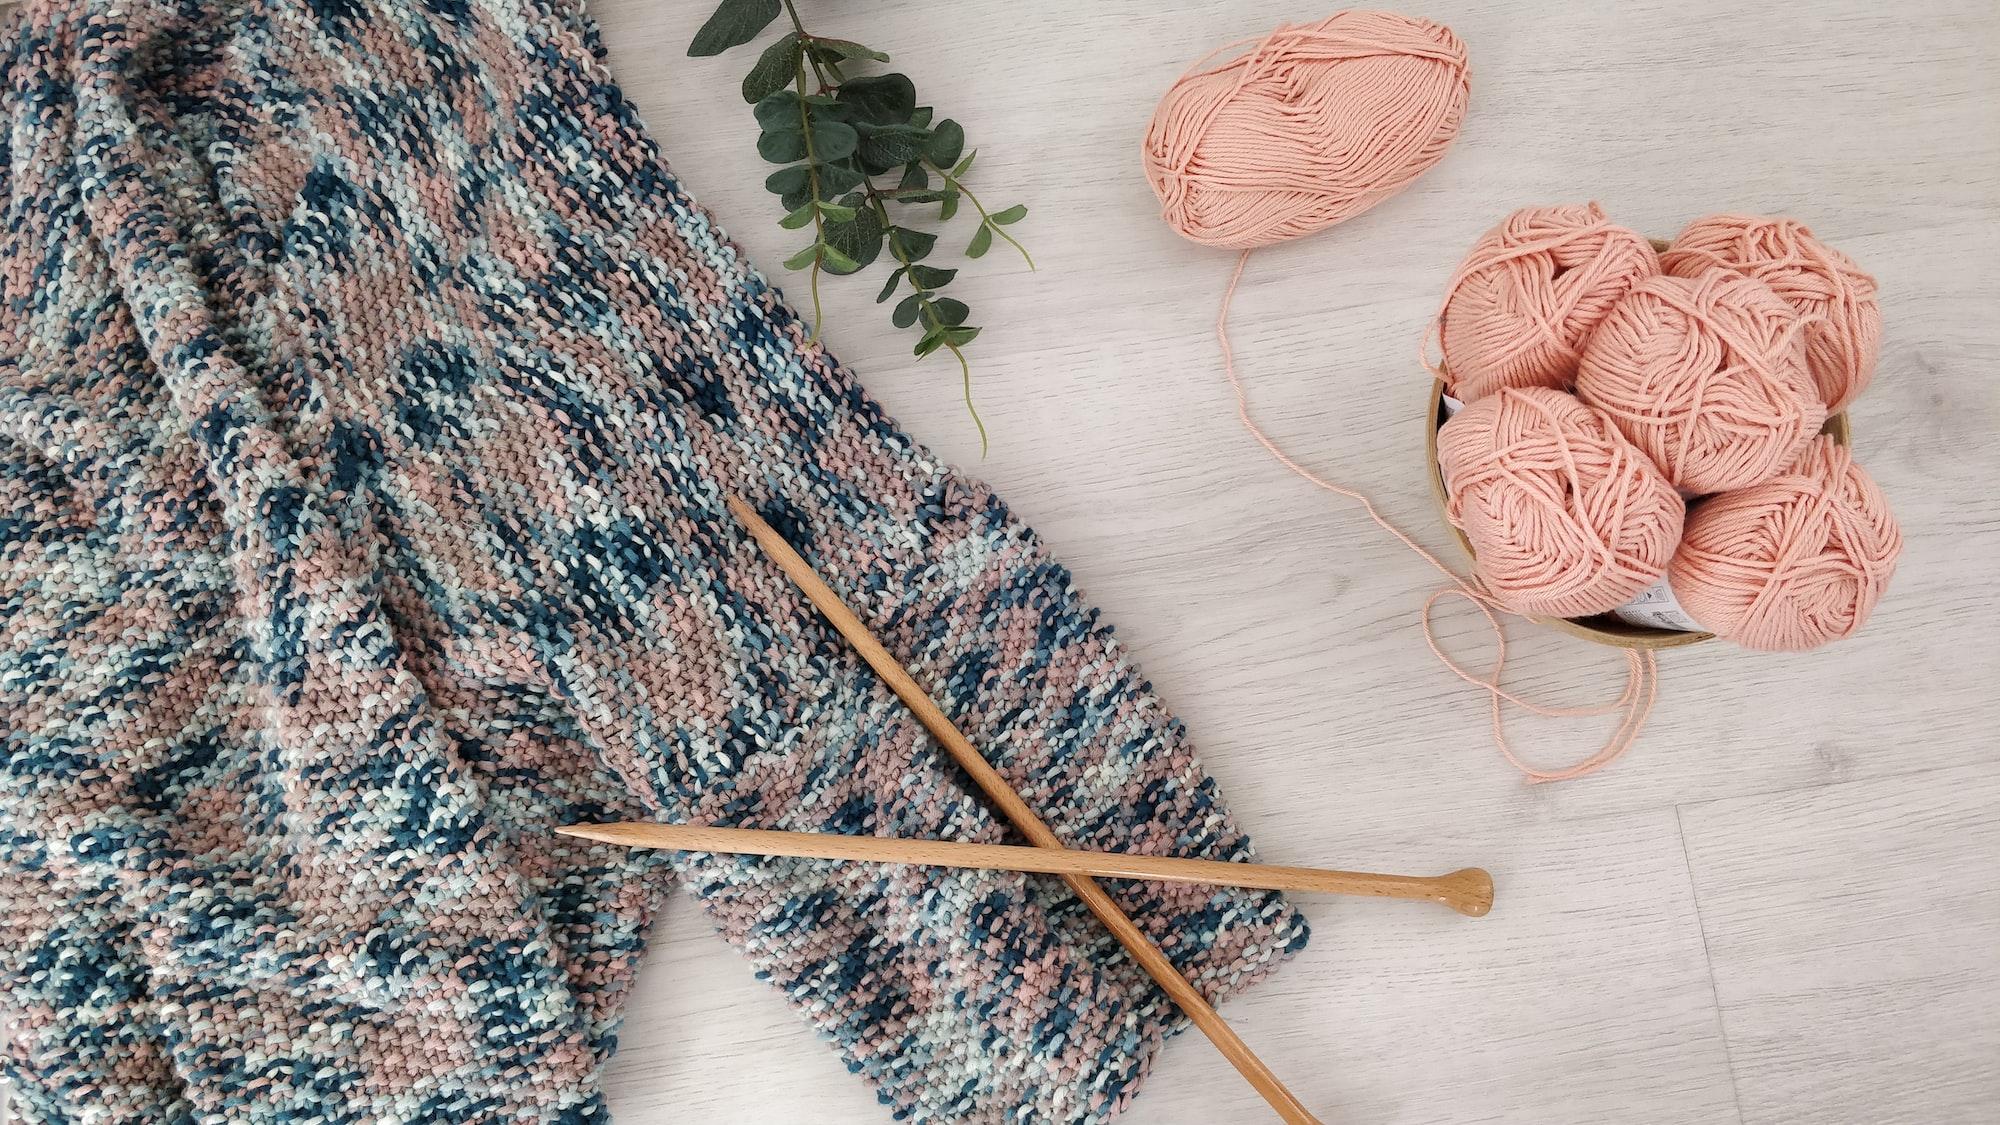 Gilet tricoté avec aiguilles en bois et pelotes de laine - Knitted cardigan with wooden needles and balls of yarn